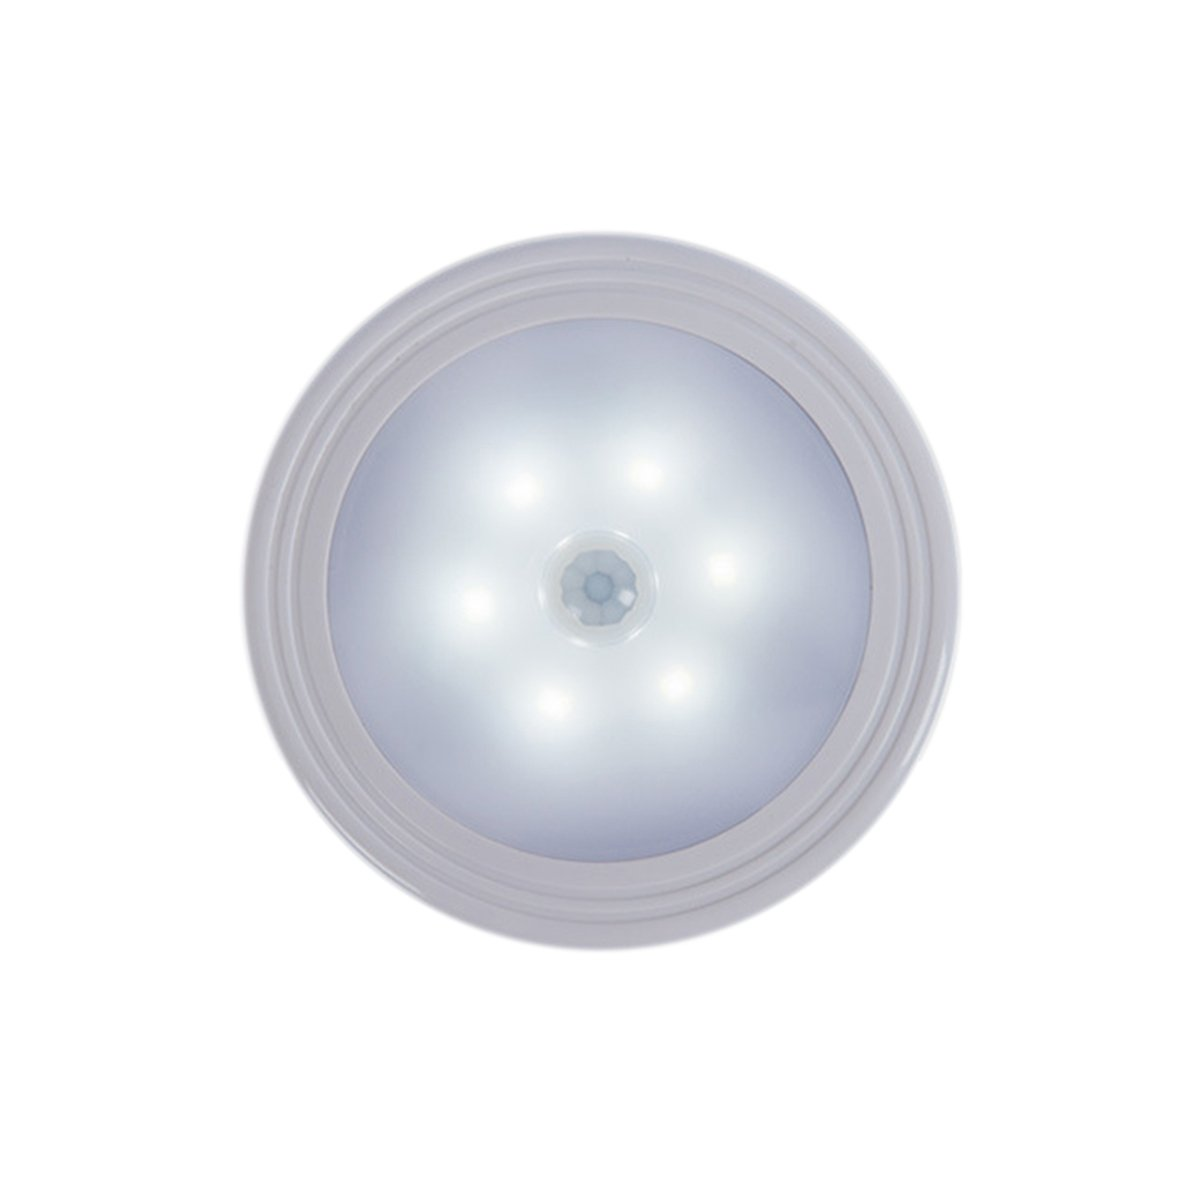 モーションセンサーライト、LEDナイトライトwith 6 LED、強力な磁気with Free 3 m粘着ライト廊下クローゼット寝室トイレCupboard battery B07CCFRXJR  コールドホワイト battery